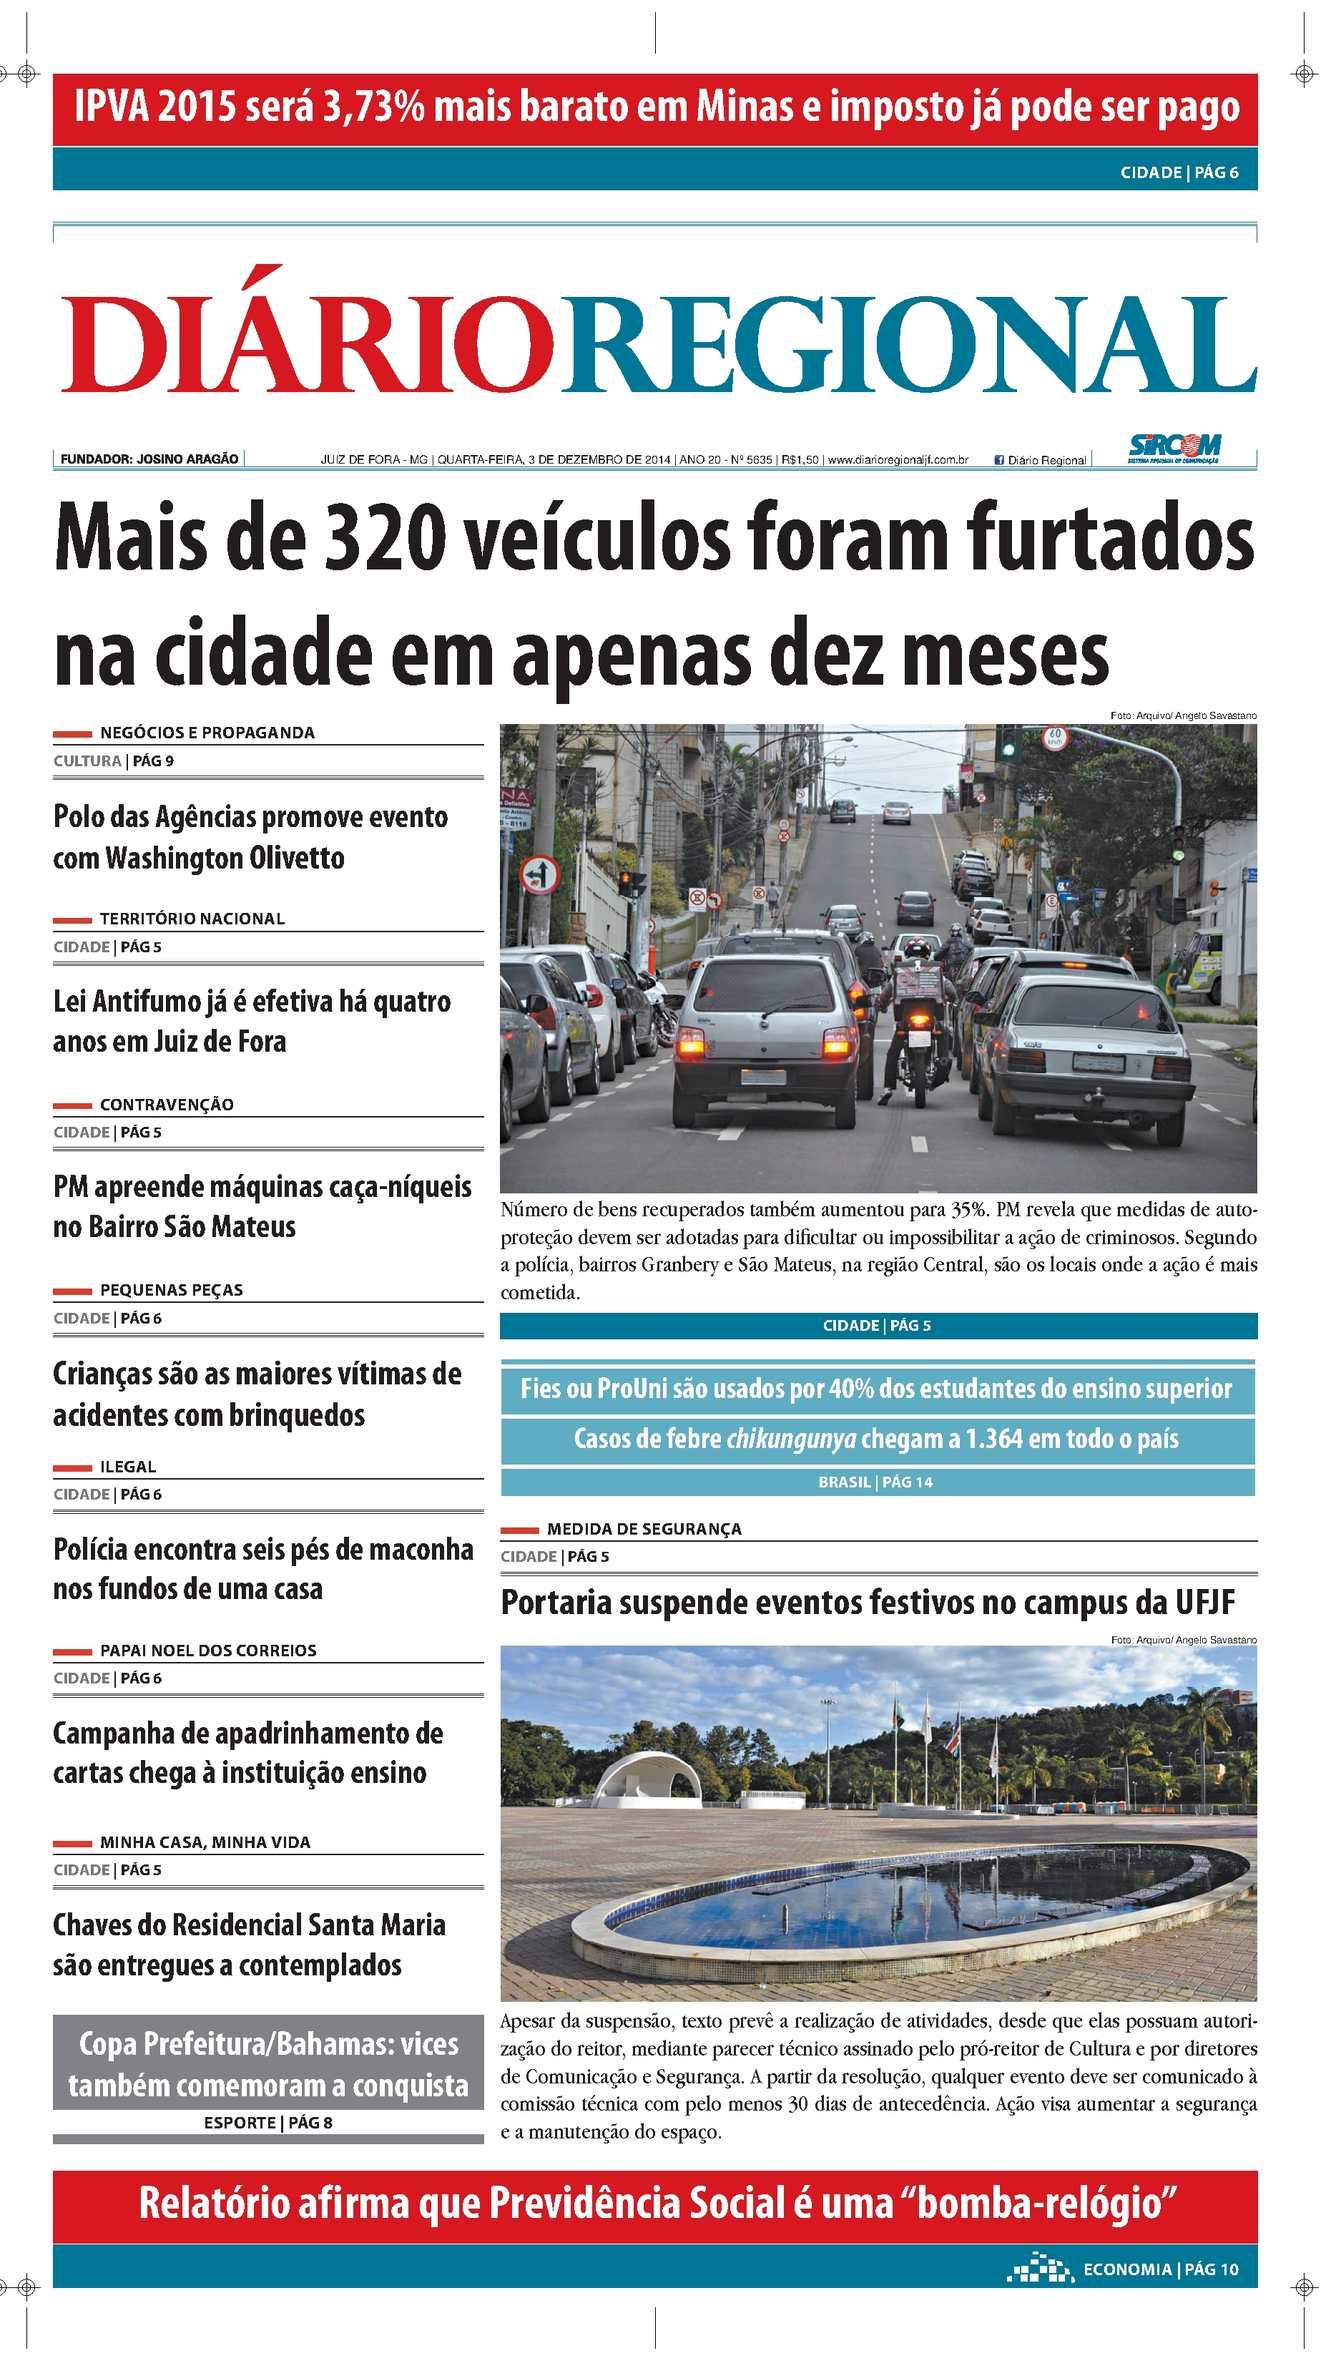 Calaméo - Jornal Site 3 12 14 4e64f6023e142